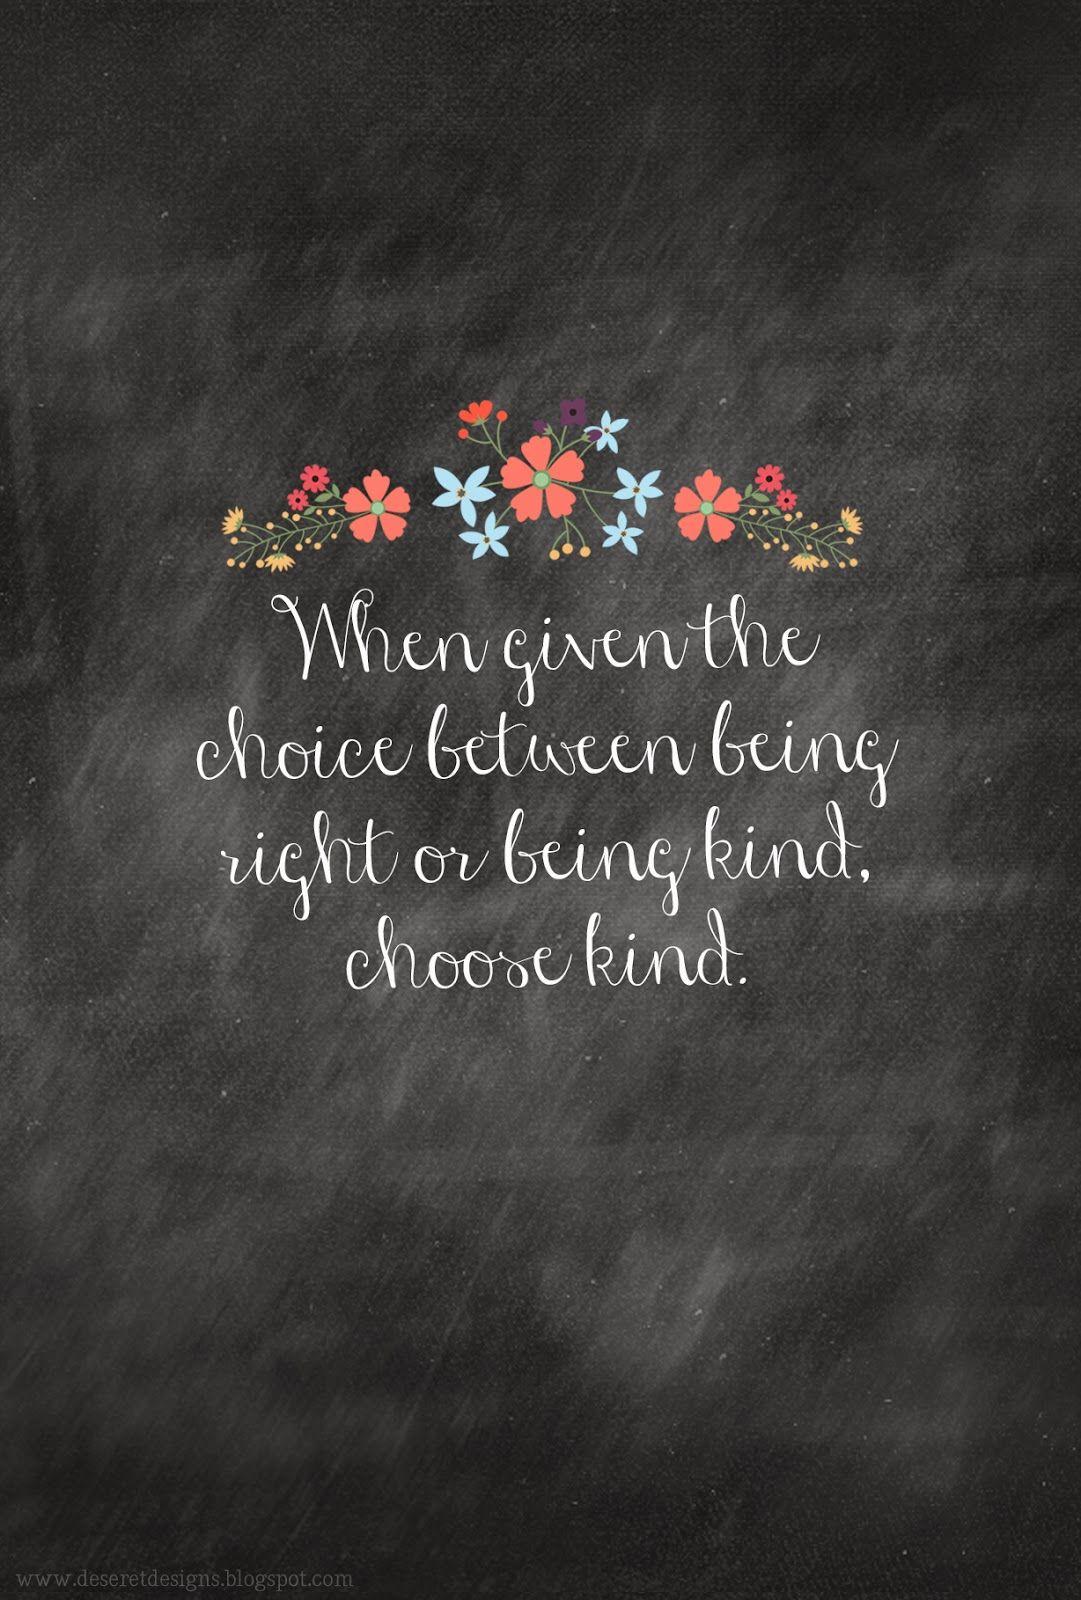 Choose Kind | Kindness quotes, Choose kind, Inspirational ...